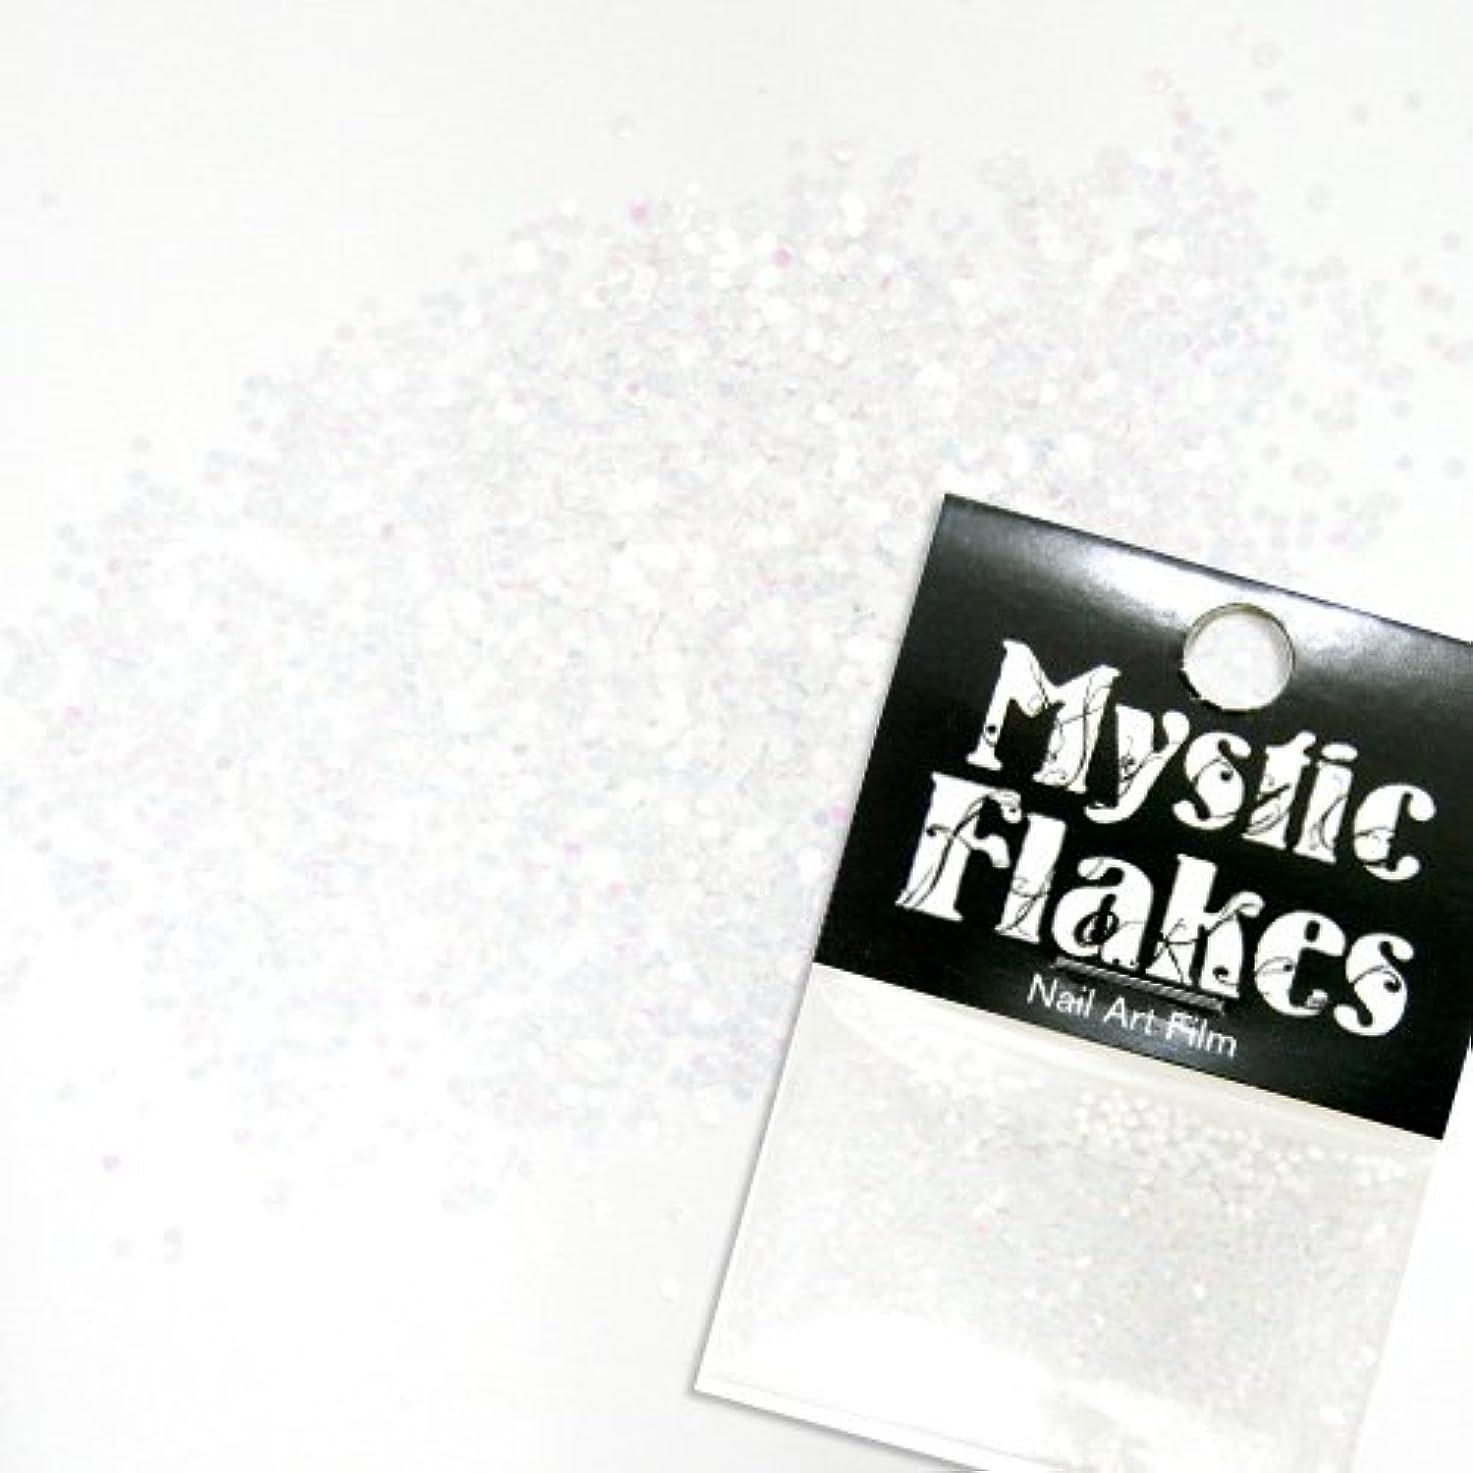 アリスチャップオプショナルミスティックフレース ネイル用ストーン パステルホワイト サークル 1mm 0.5g